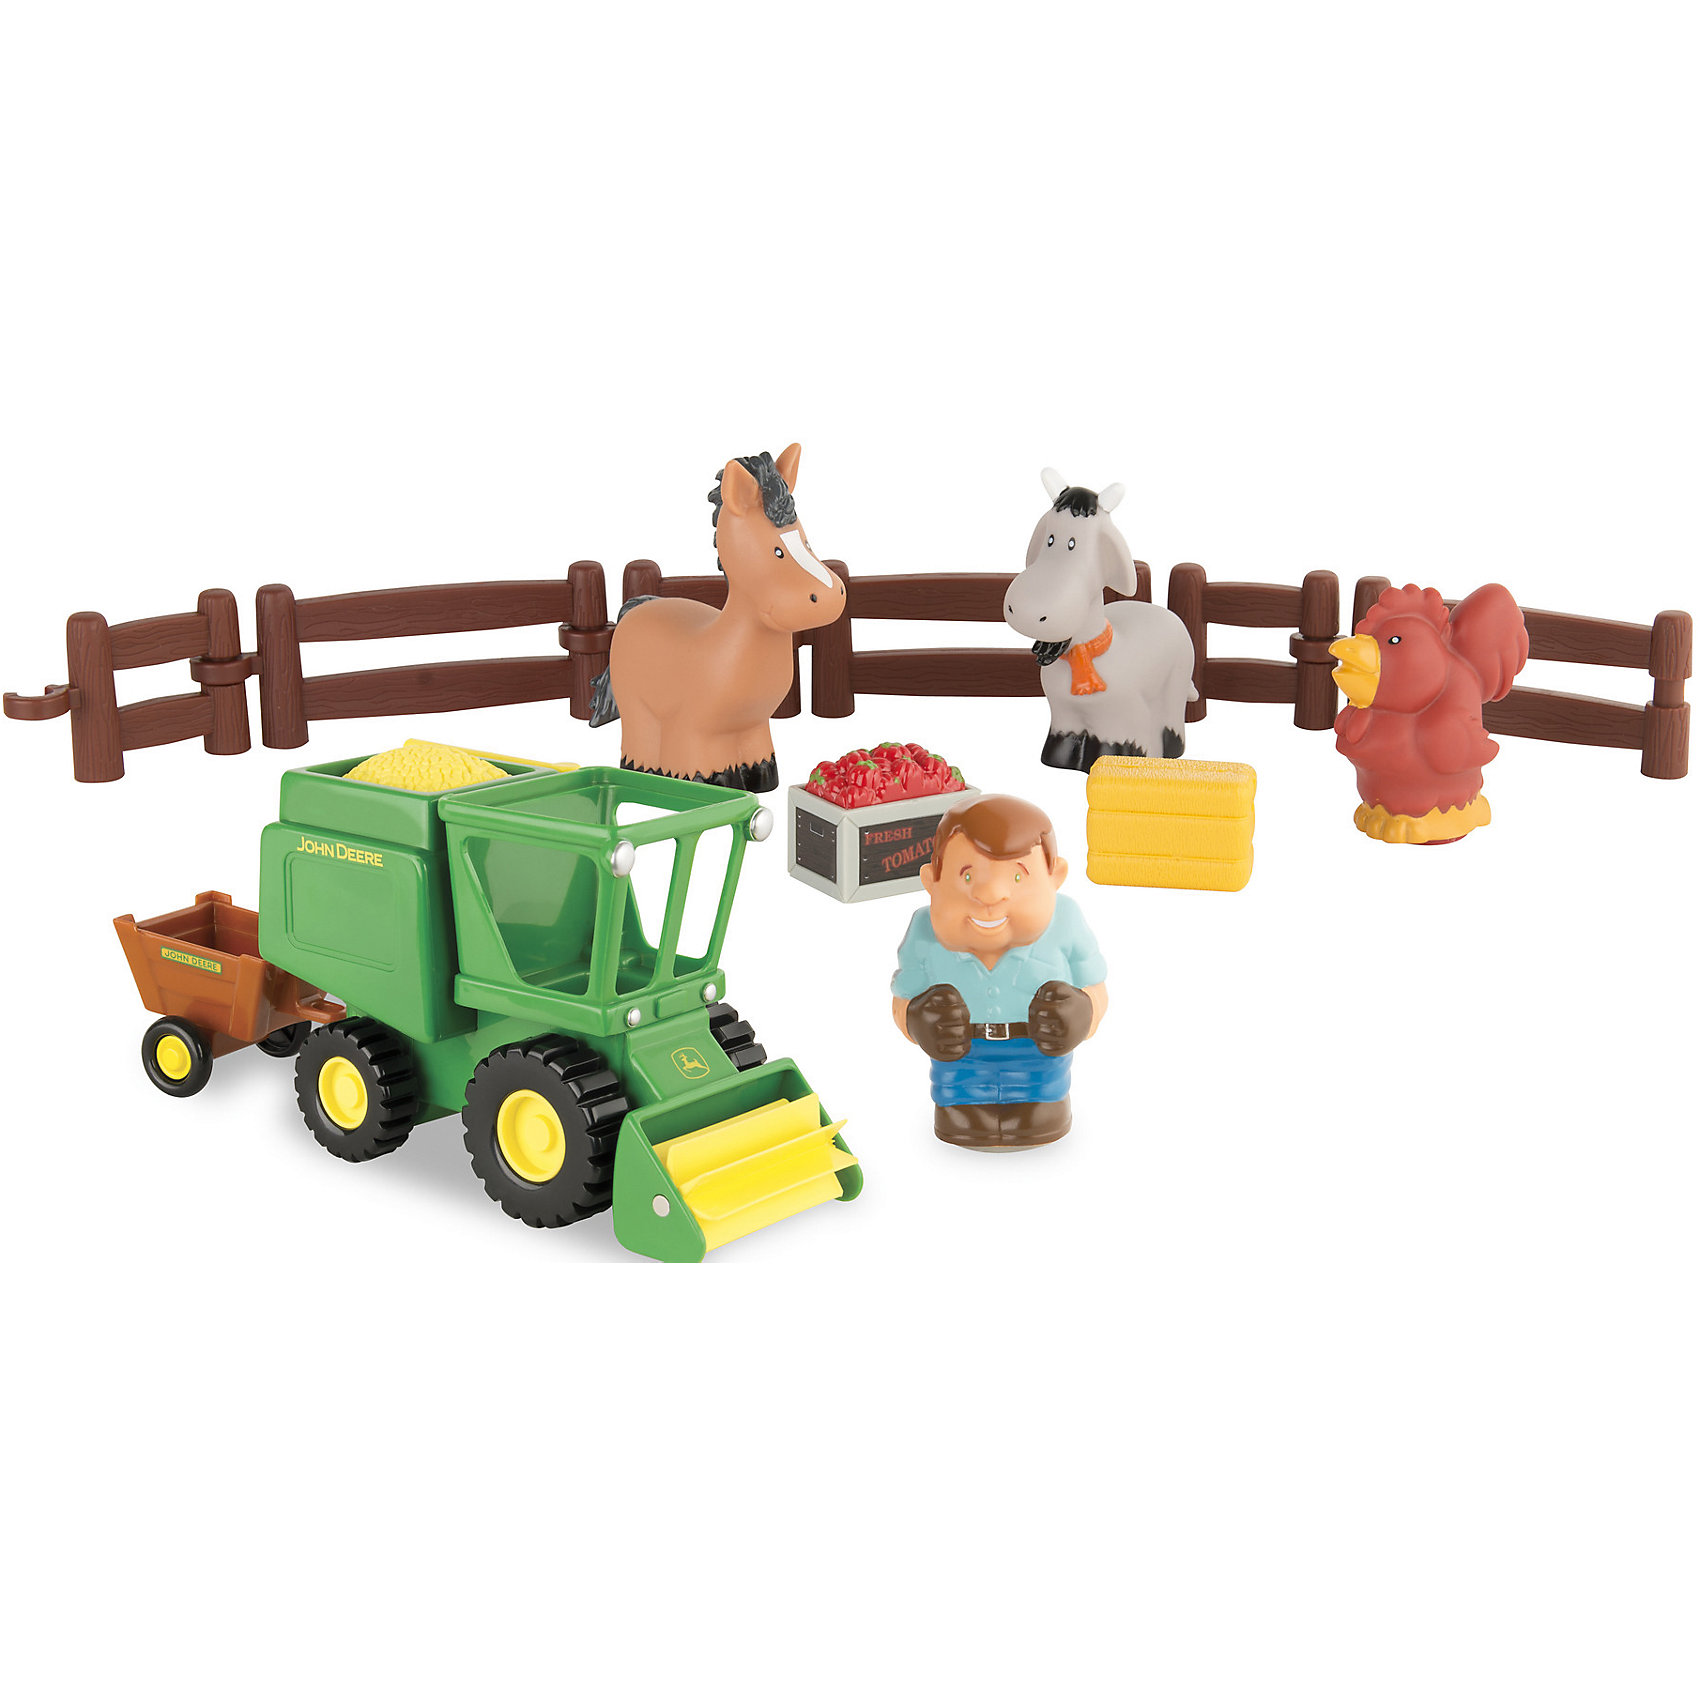 Моя первая ферма - набор уборка урожая, TOMYРазвивающие игрушки<br>Моя первая ферма - набор уборка урожая, от знаменитого британского бренда TOMY (Томи). Яркая и веселая игрушка изготовлена из высококачественного пластика и сделает игру еще интереснее! В набор вошел зеленый комбайн для того чтобысобирать урожай, в кабину помещается фигурка фермера. Три фигурки животных и составной забор из которого можно сделать отдельный загон позволят придумывать новые истории в игре. Также в комплект входит урожай морковок и пшеницы. <br>- Дополнительная информация:<br>- Набор: 4 фигурки, комбайн, аксессуары<br>- Материал: пластик<br>- Размер упаковки 29 * 14 * 40 см.<br><br>Игрушку Моя первая ферма - набор уборка урожая, TOMY можно купить в нашем интернет-магазине.<br><br>Подробнее:<br>• Для детей в возрасте: от 1 года<br>• Номер товара: 4918377<br>Страна производитель: Китай<br><br>Ширина мм: 400<br>Глубина мм: 400<br>Высота мм: 300<br>Вес г: 600<br>Возраст от месяцев: 12<br>Возраст до месяцев: 60<br>Пол: Унисекс<br>Возраст: Детский<br>SKU: 4918377